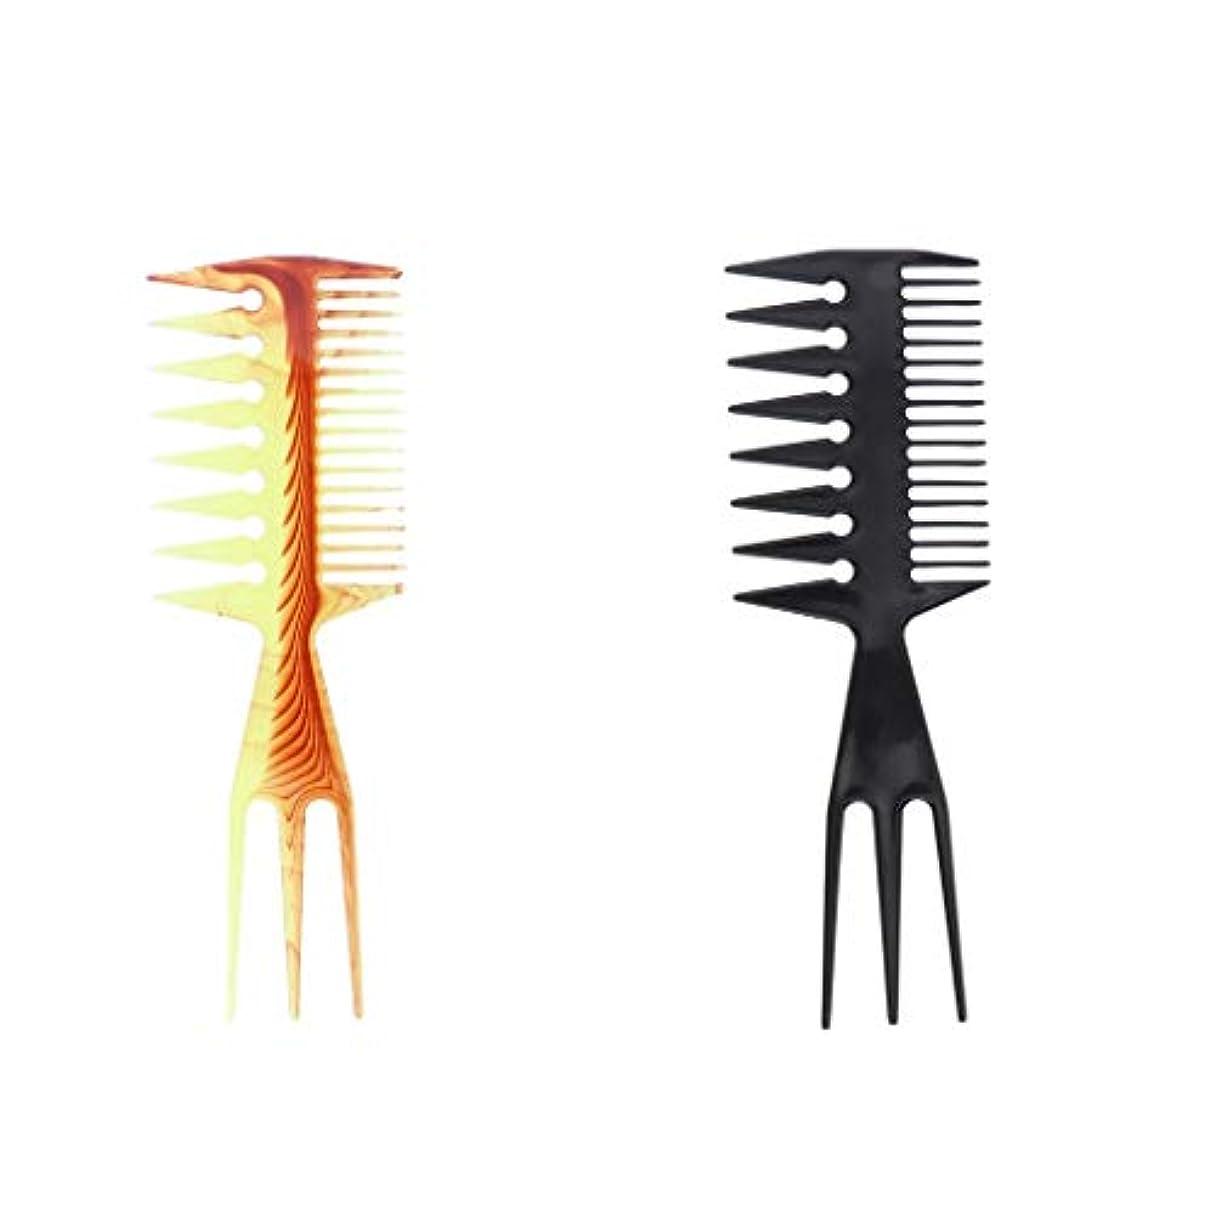 潤滑するアナロジートレイ毛染めコーム 髪染め用ヘアコーム ヘアダイブラシ DIY髪染め用 サロン美髪師用染髪ツール2個セット